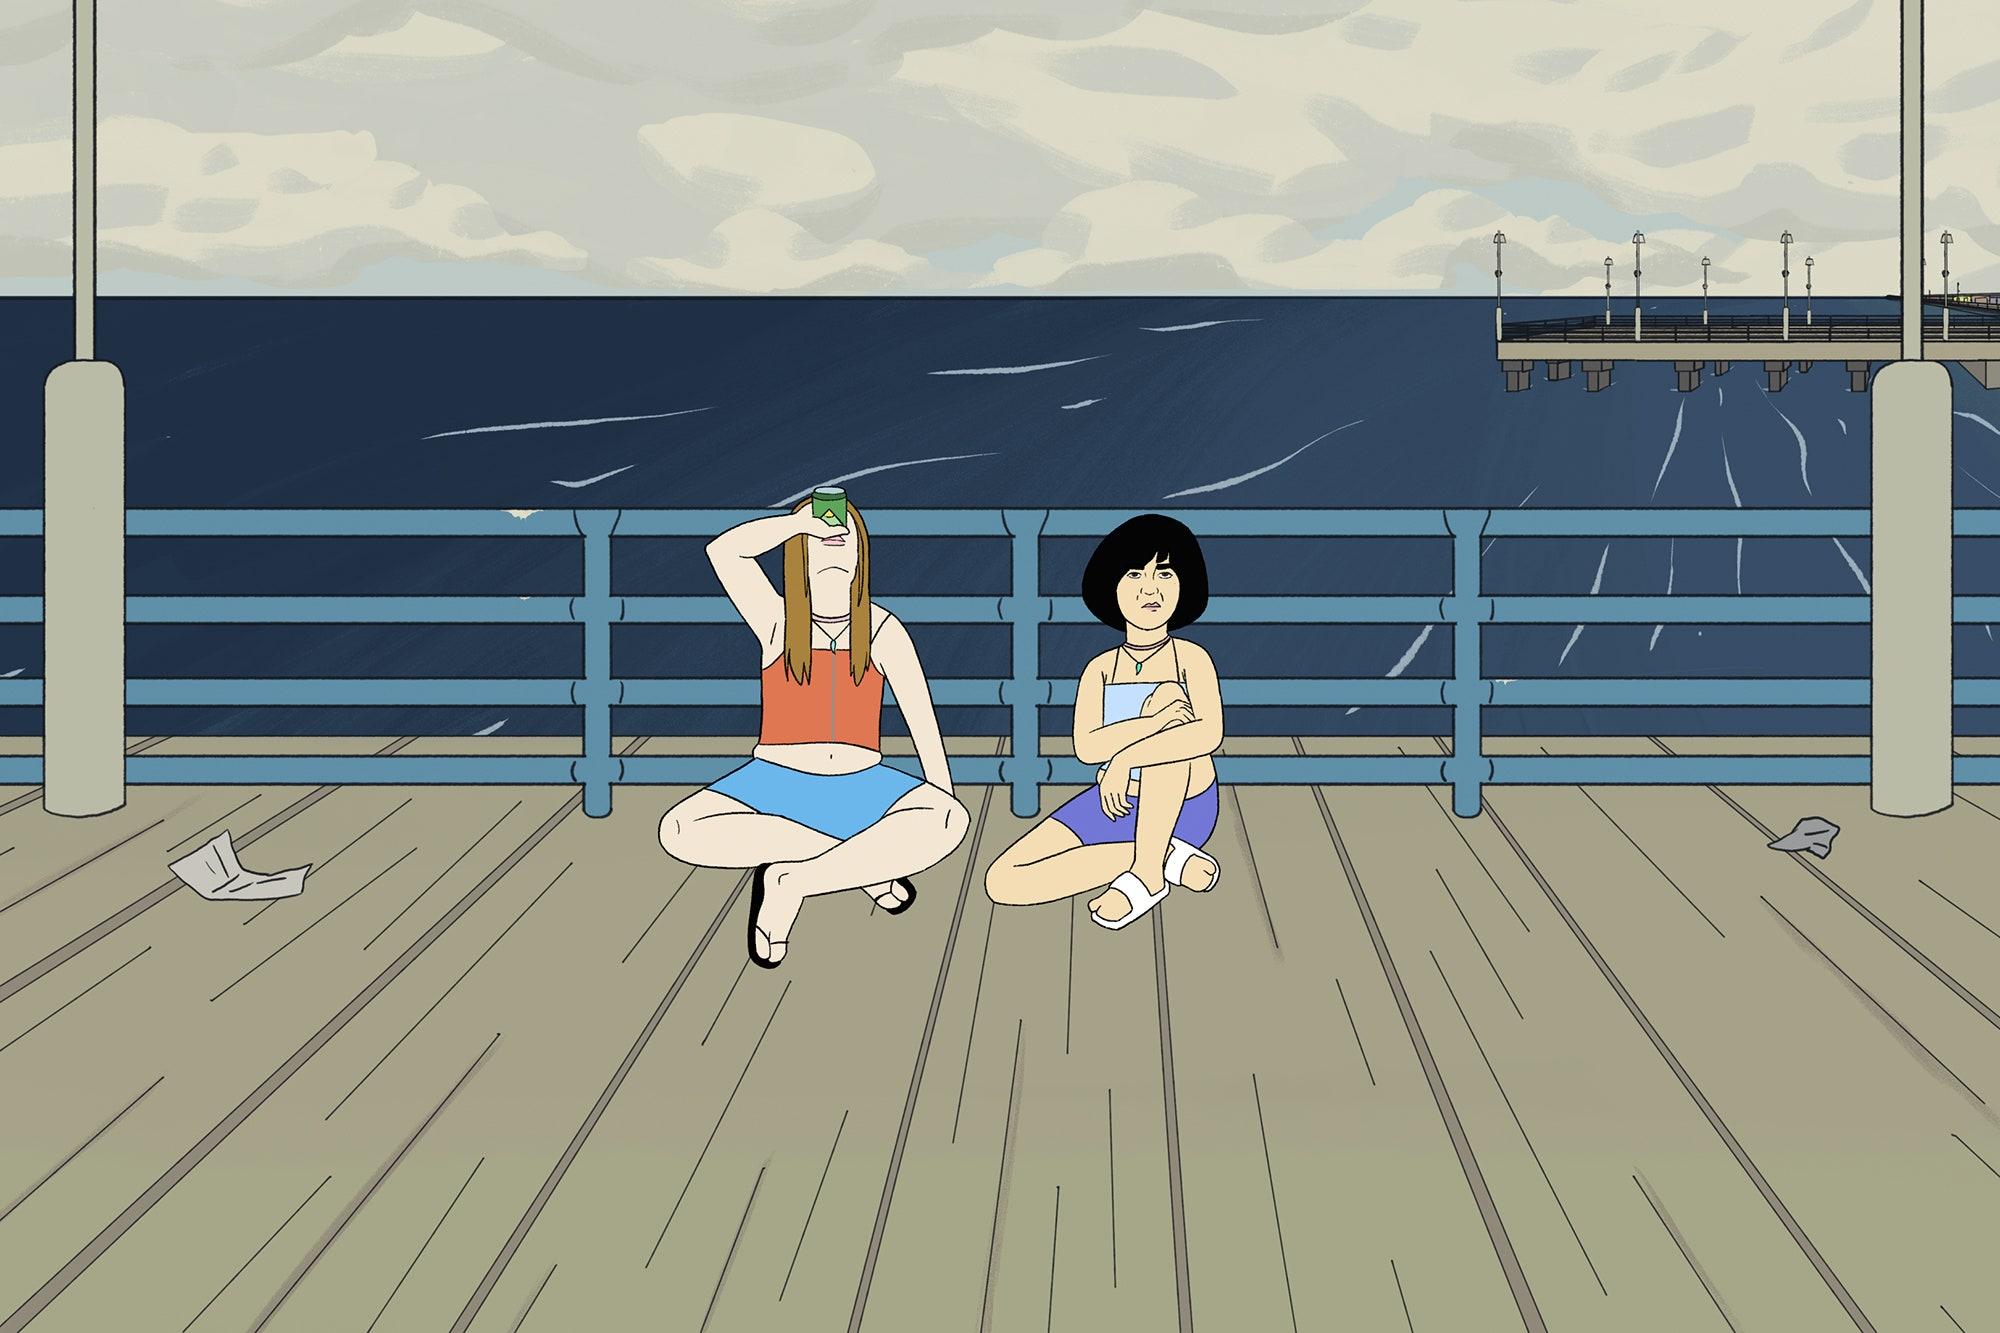 Cena do episódio animado de Pen15, Jacuzzi. A foto é um desenho no cais de uma praia e mostra Anna e Maya sentadas no cais. Está de dia, Anna é branca e loira e usa blusa laranja, enquanto Maya é asiática, tem cabelos pretos e curtos e usa roupa azul.